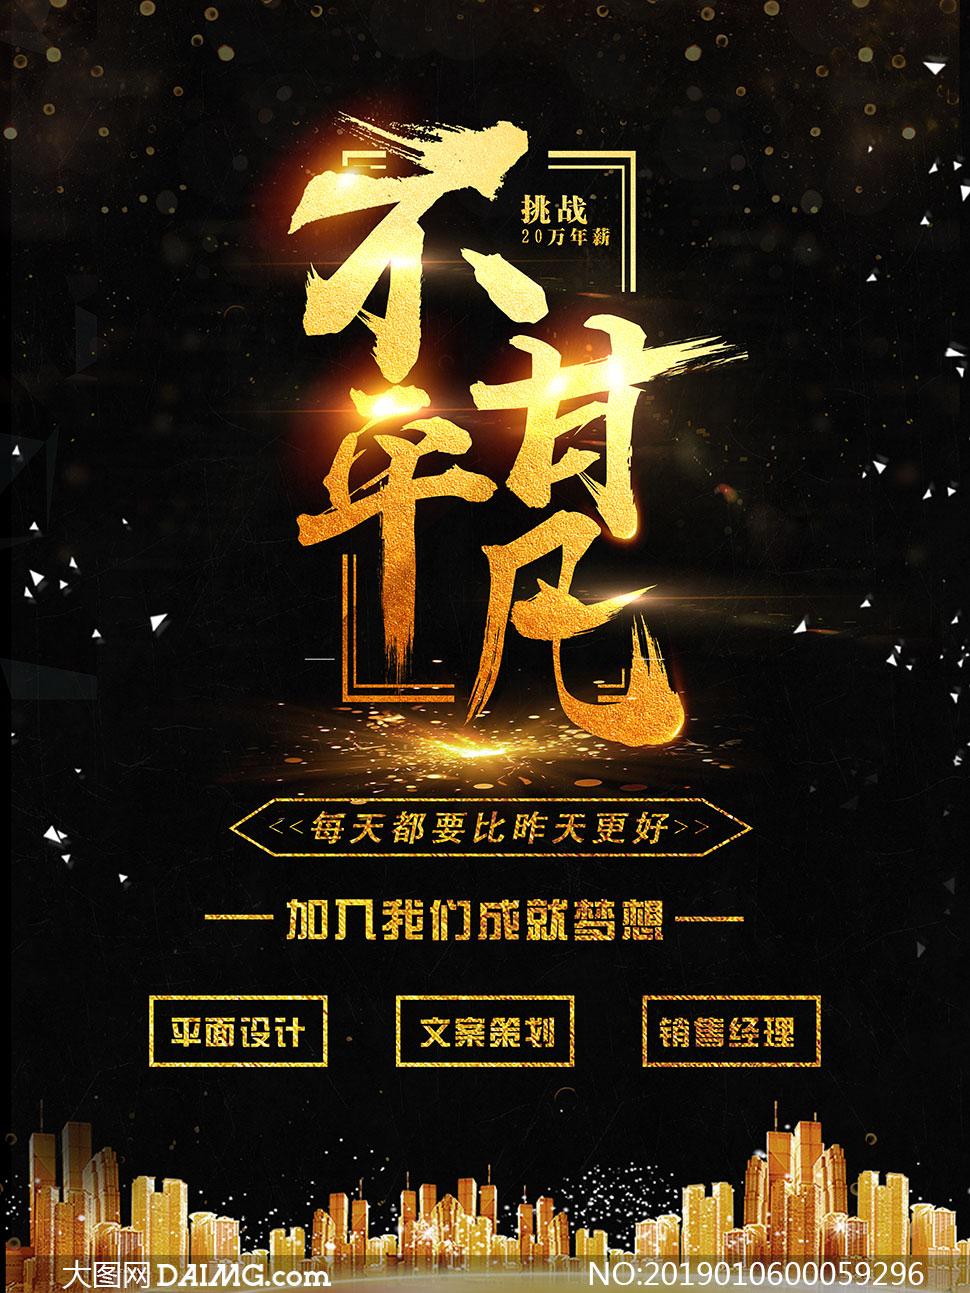 创意的招聘宣传海报设计PSD源文件